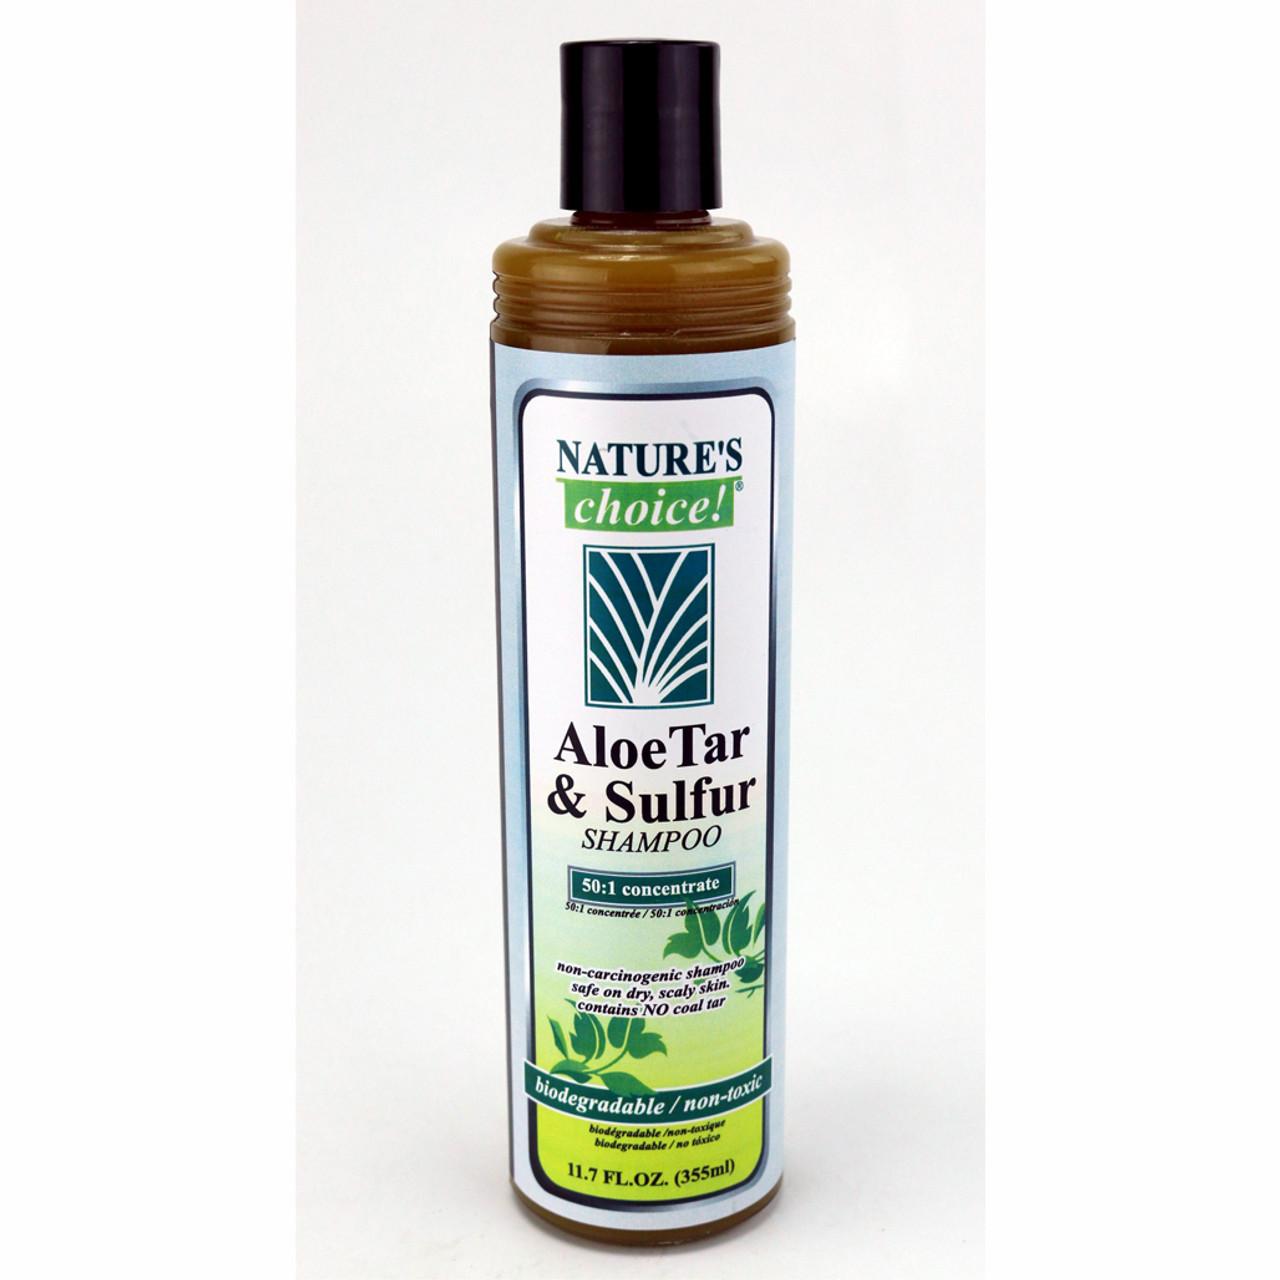 Aloe-Tar & Sulfur in 11.7 oz.